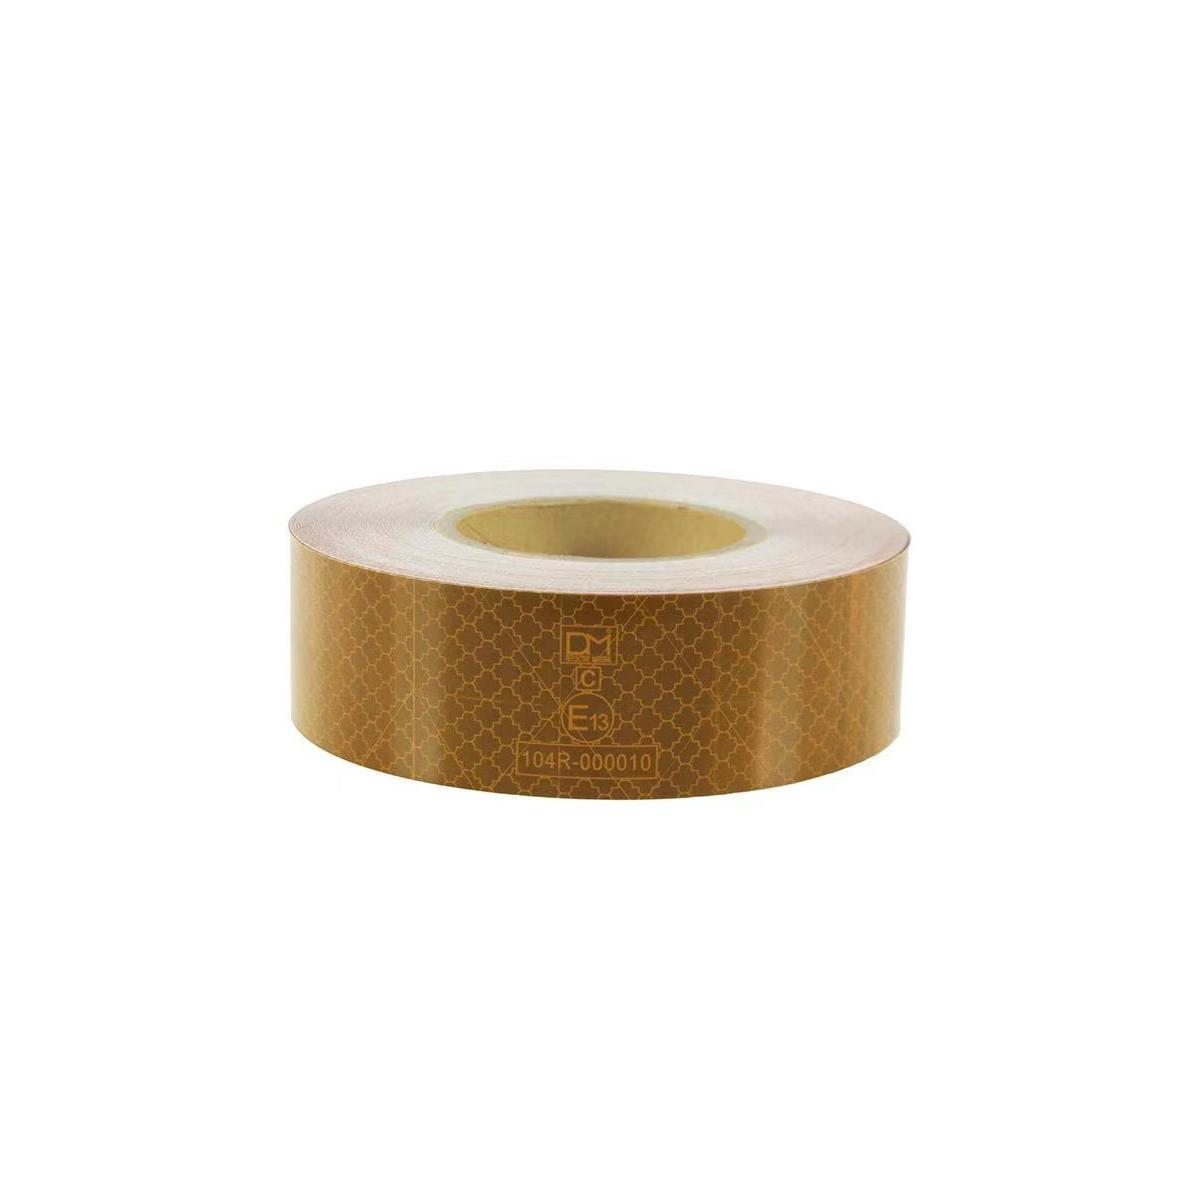 反射テープ 黄色 1m単位切売り